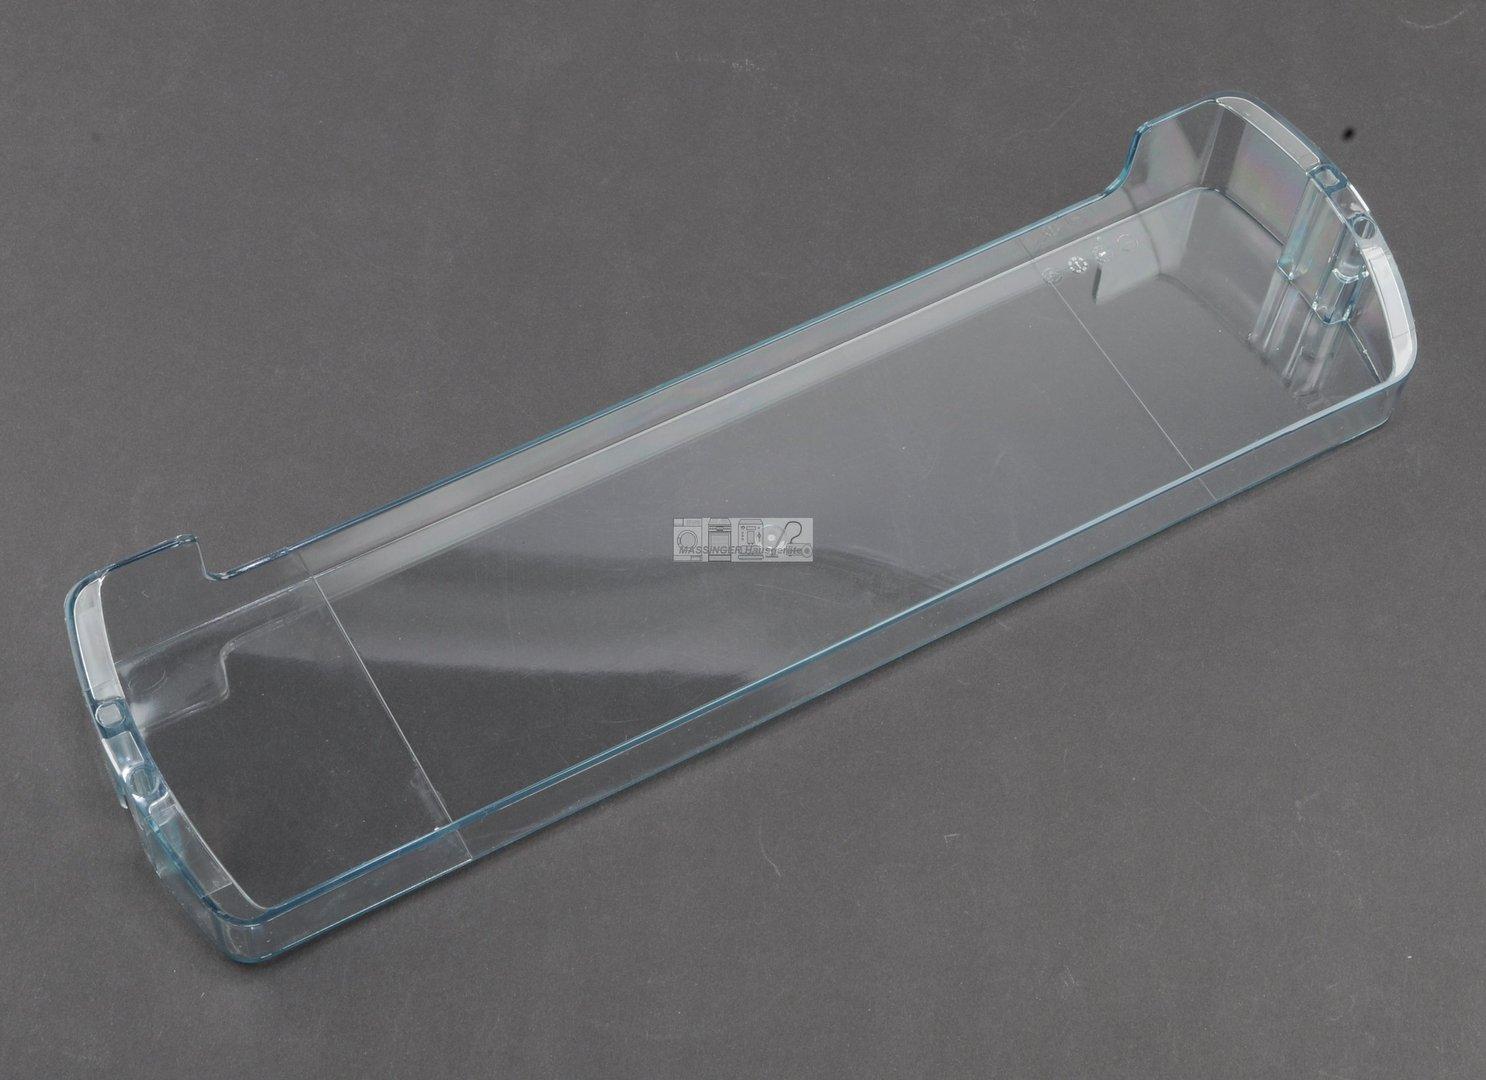 Gorenje Kühlschrank Ersatzteile : Gorenje kühlschrank flaschenfach einbau getränke 380mm 355014